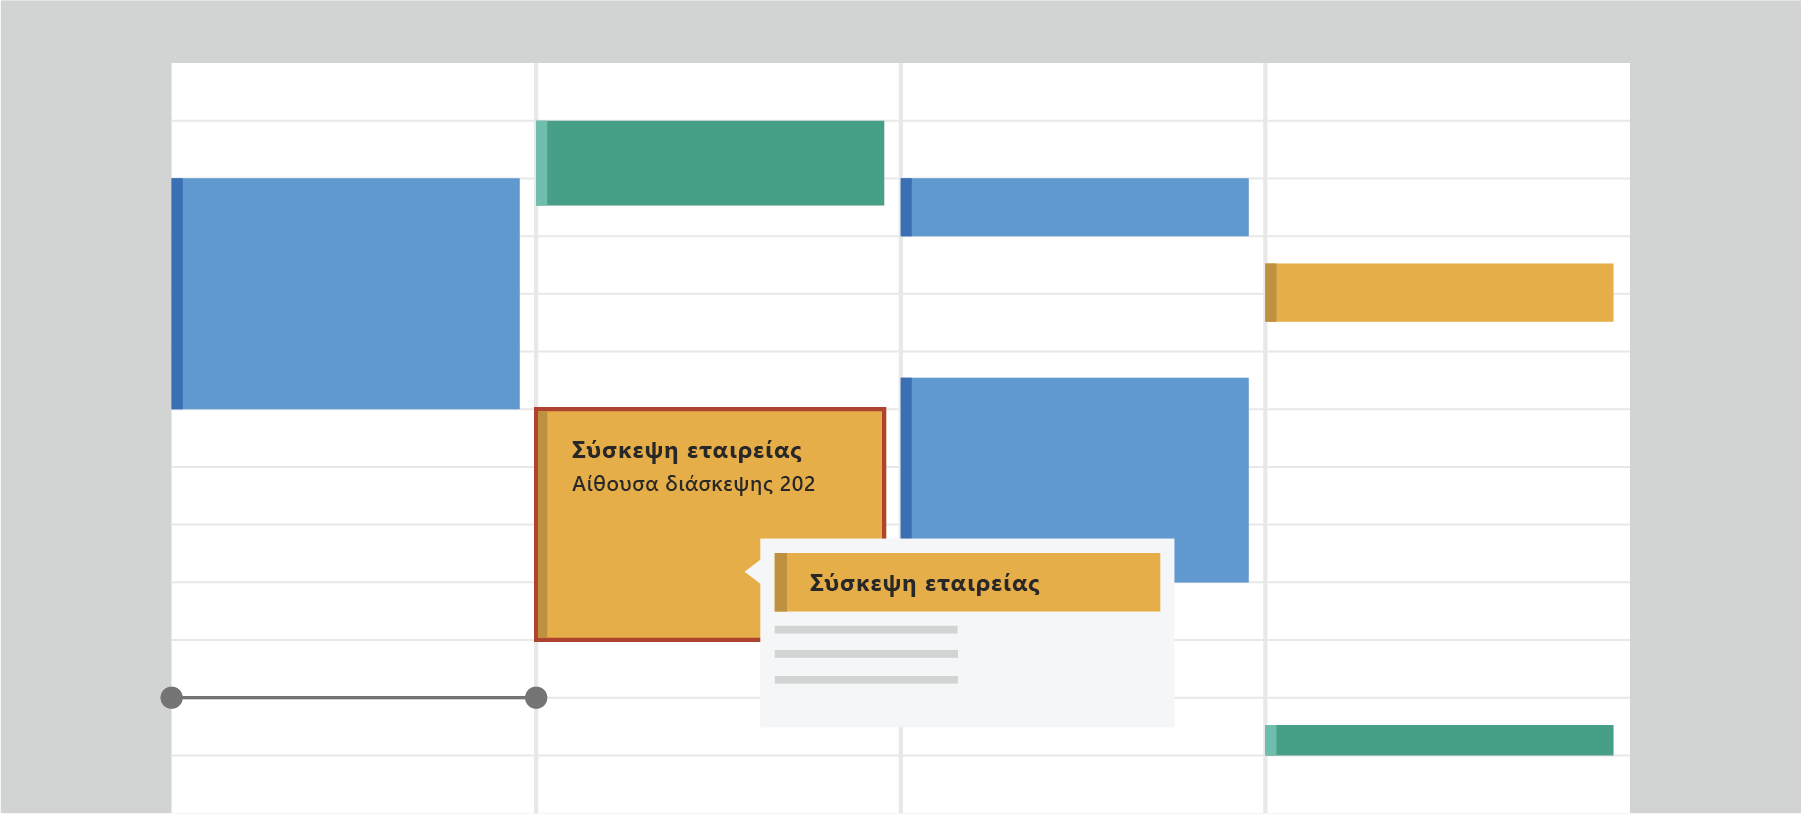 Εμφανίζει το Ημερολόγιο του Outlook